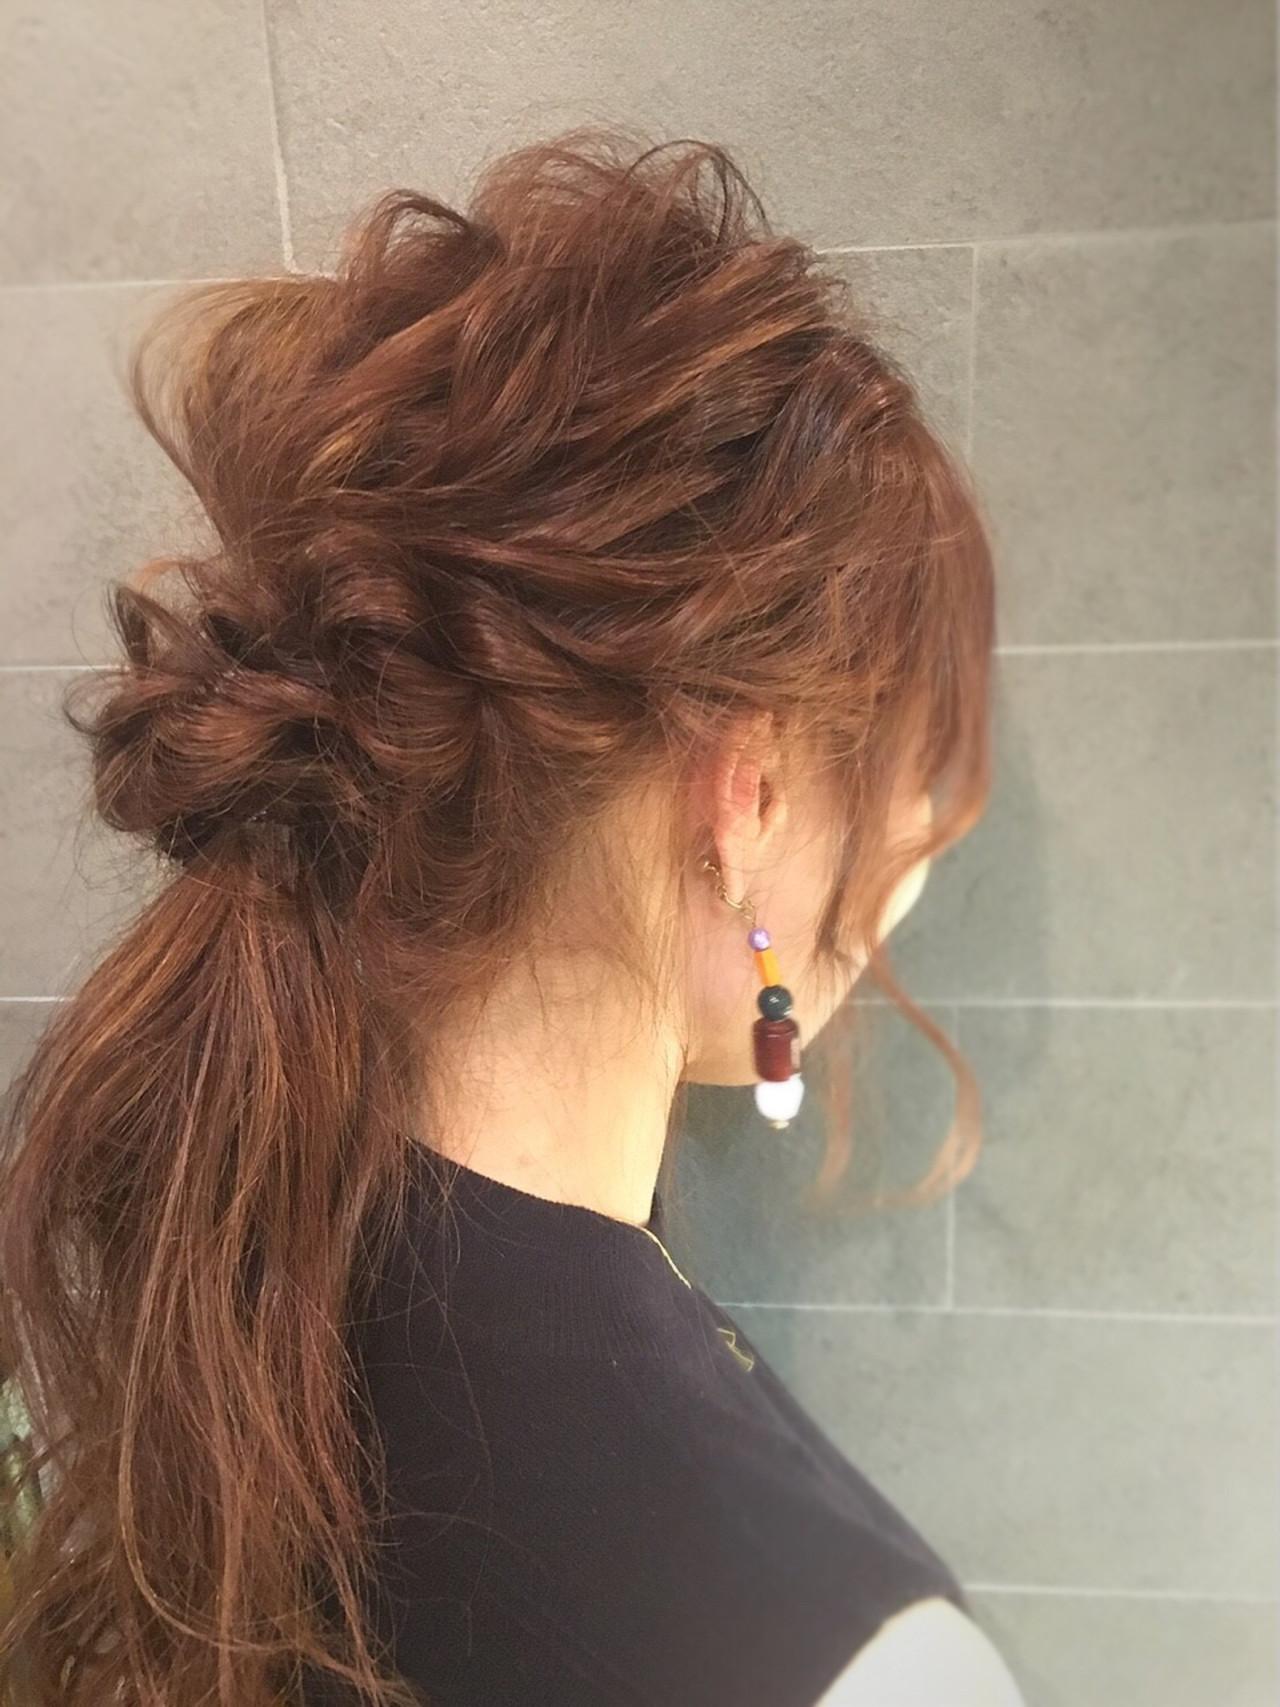 ウェーブ×ねじり髪で女性らしさUP♡ 山田大貴 / throb | throb by reve